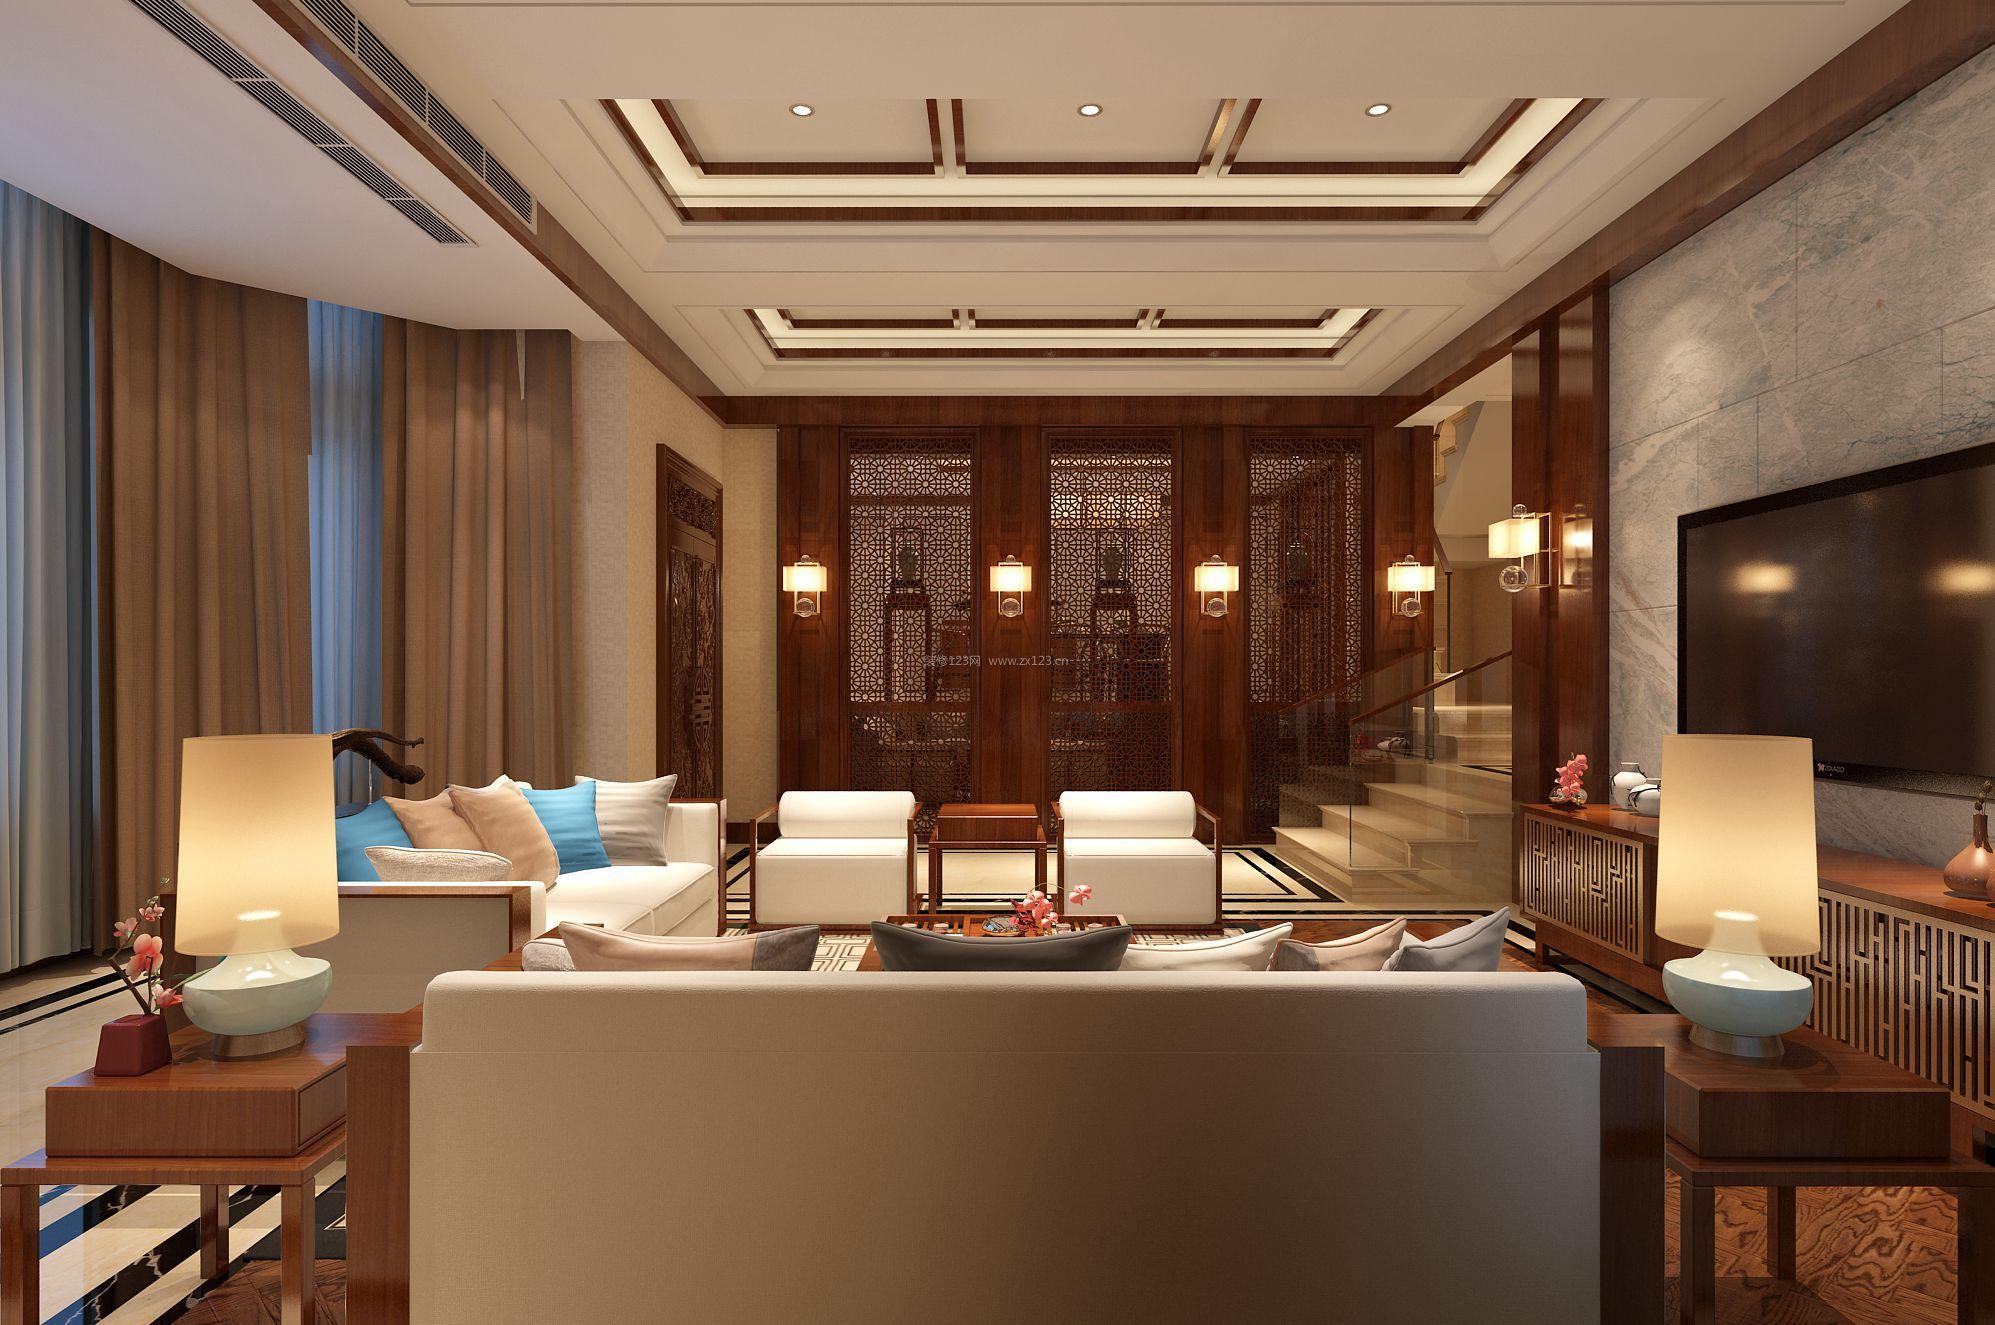 简单中式风格家居壁灯装修效果图片图片